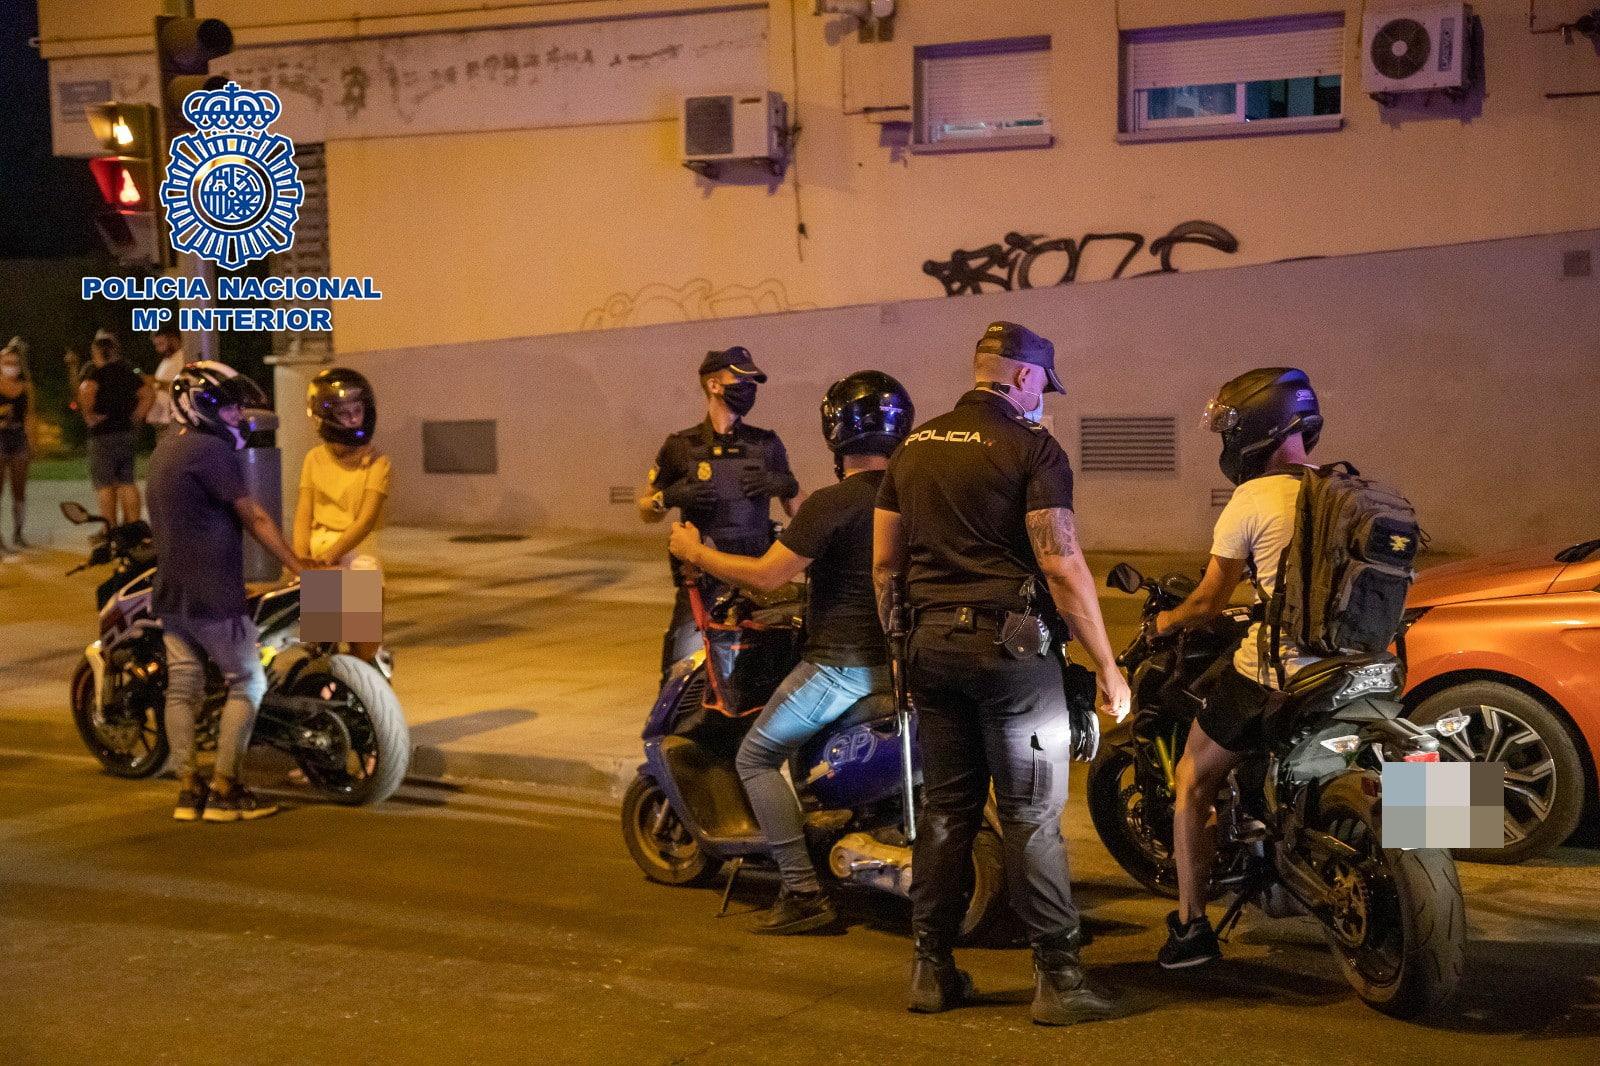 195 personas propuestas para sanción durante este mes en Logroño por no llevar mascarilla 1